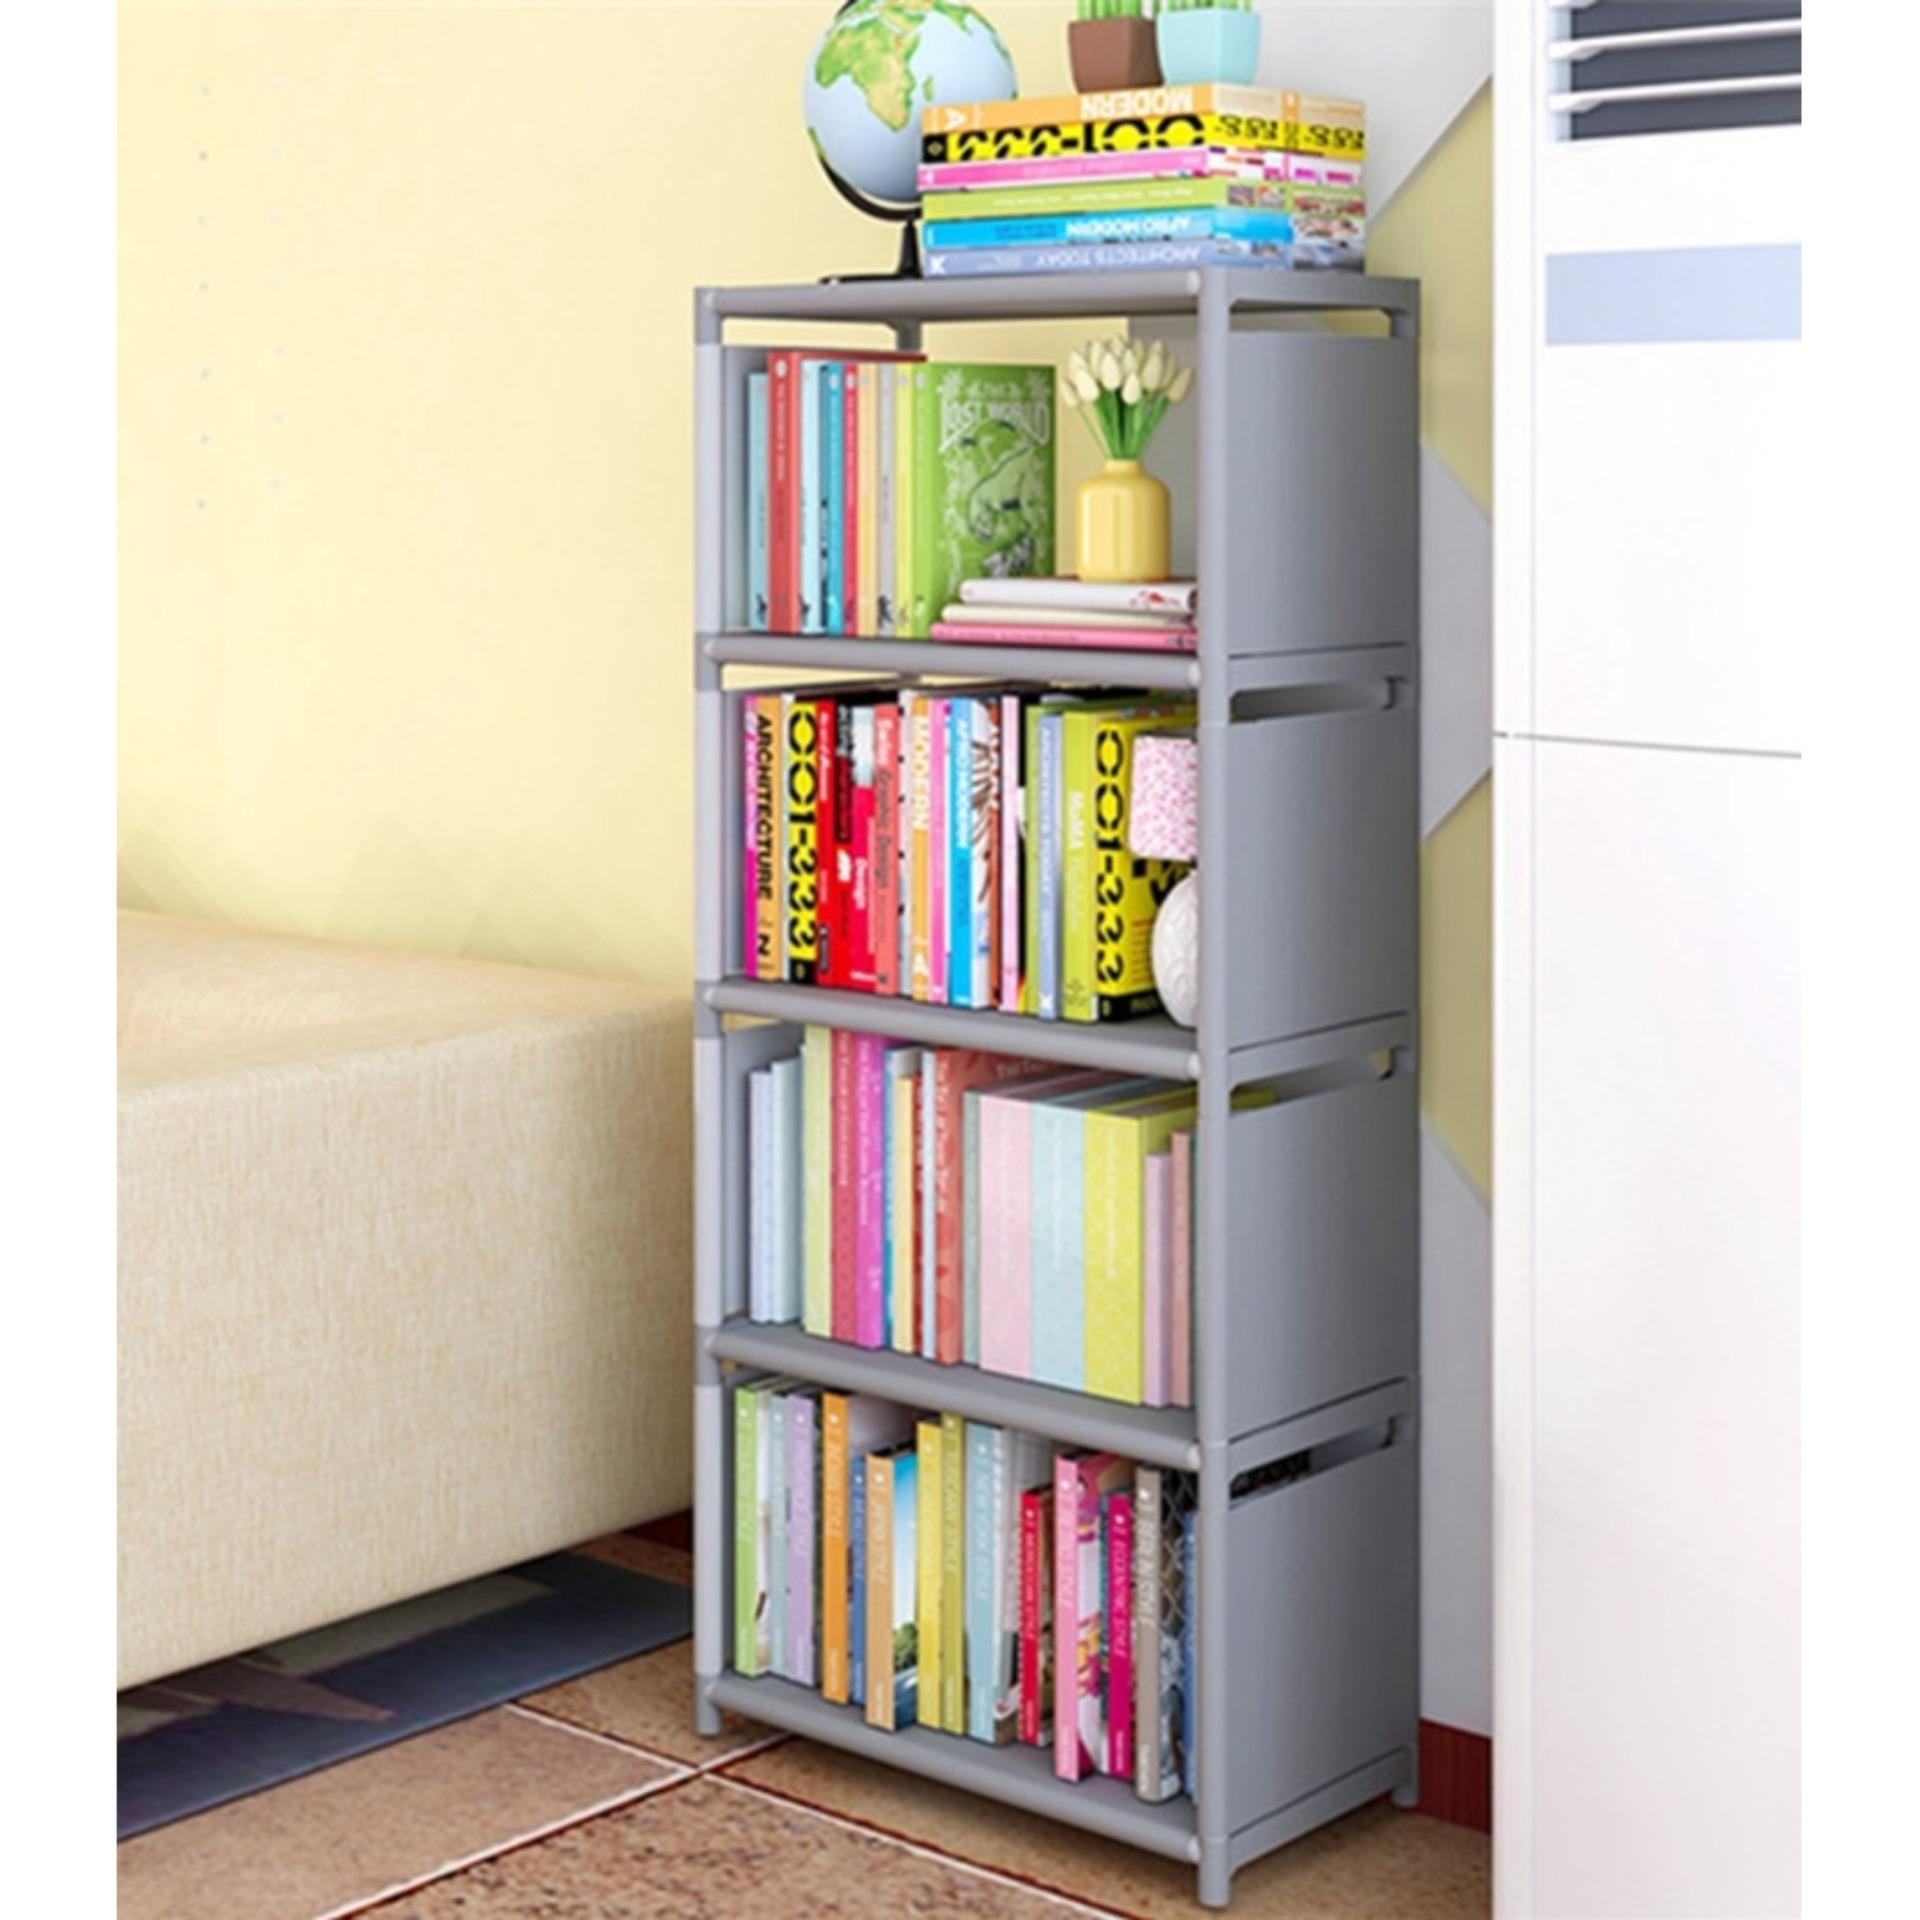 Rak Lemari Buku Serbaguna Portable 5 Susun = 4 Ruang Book Rack - ABU #17